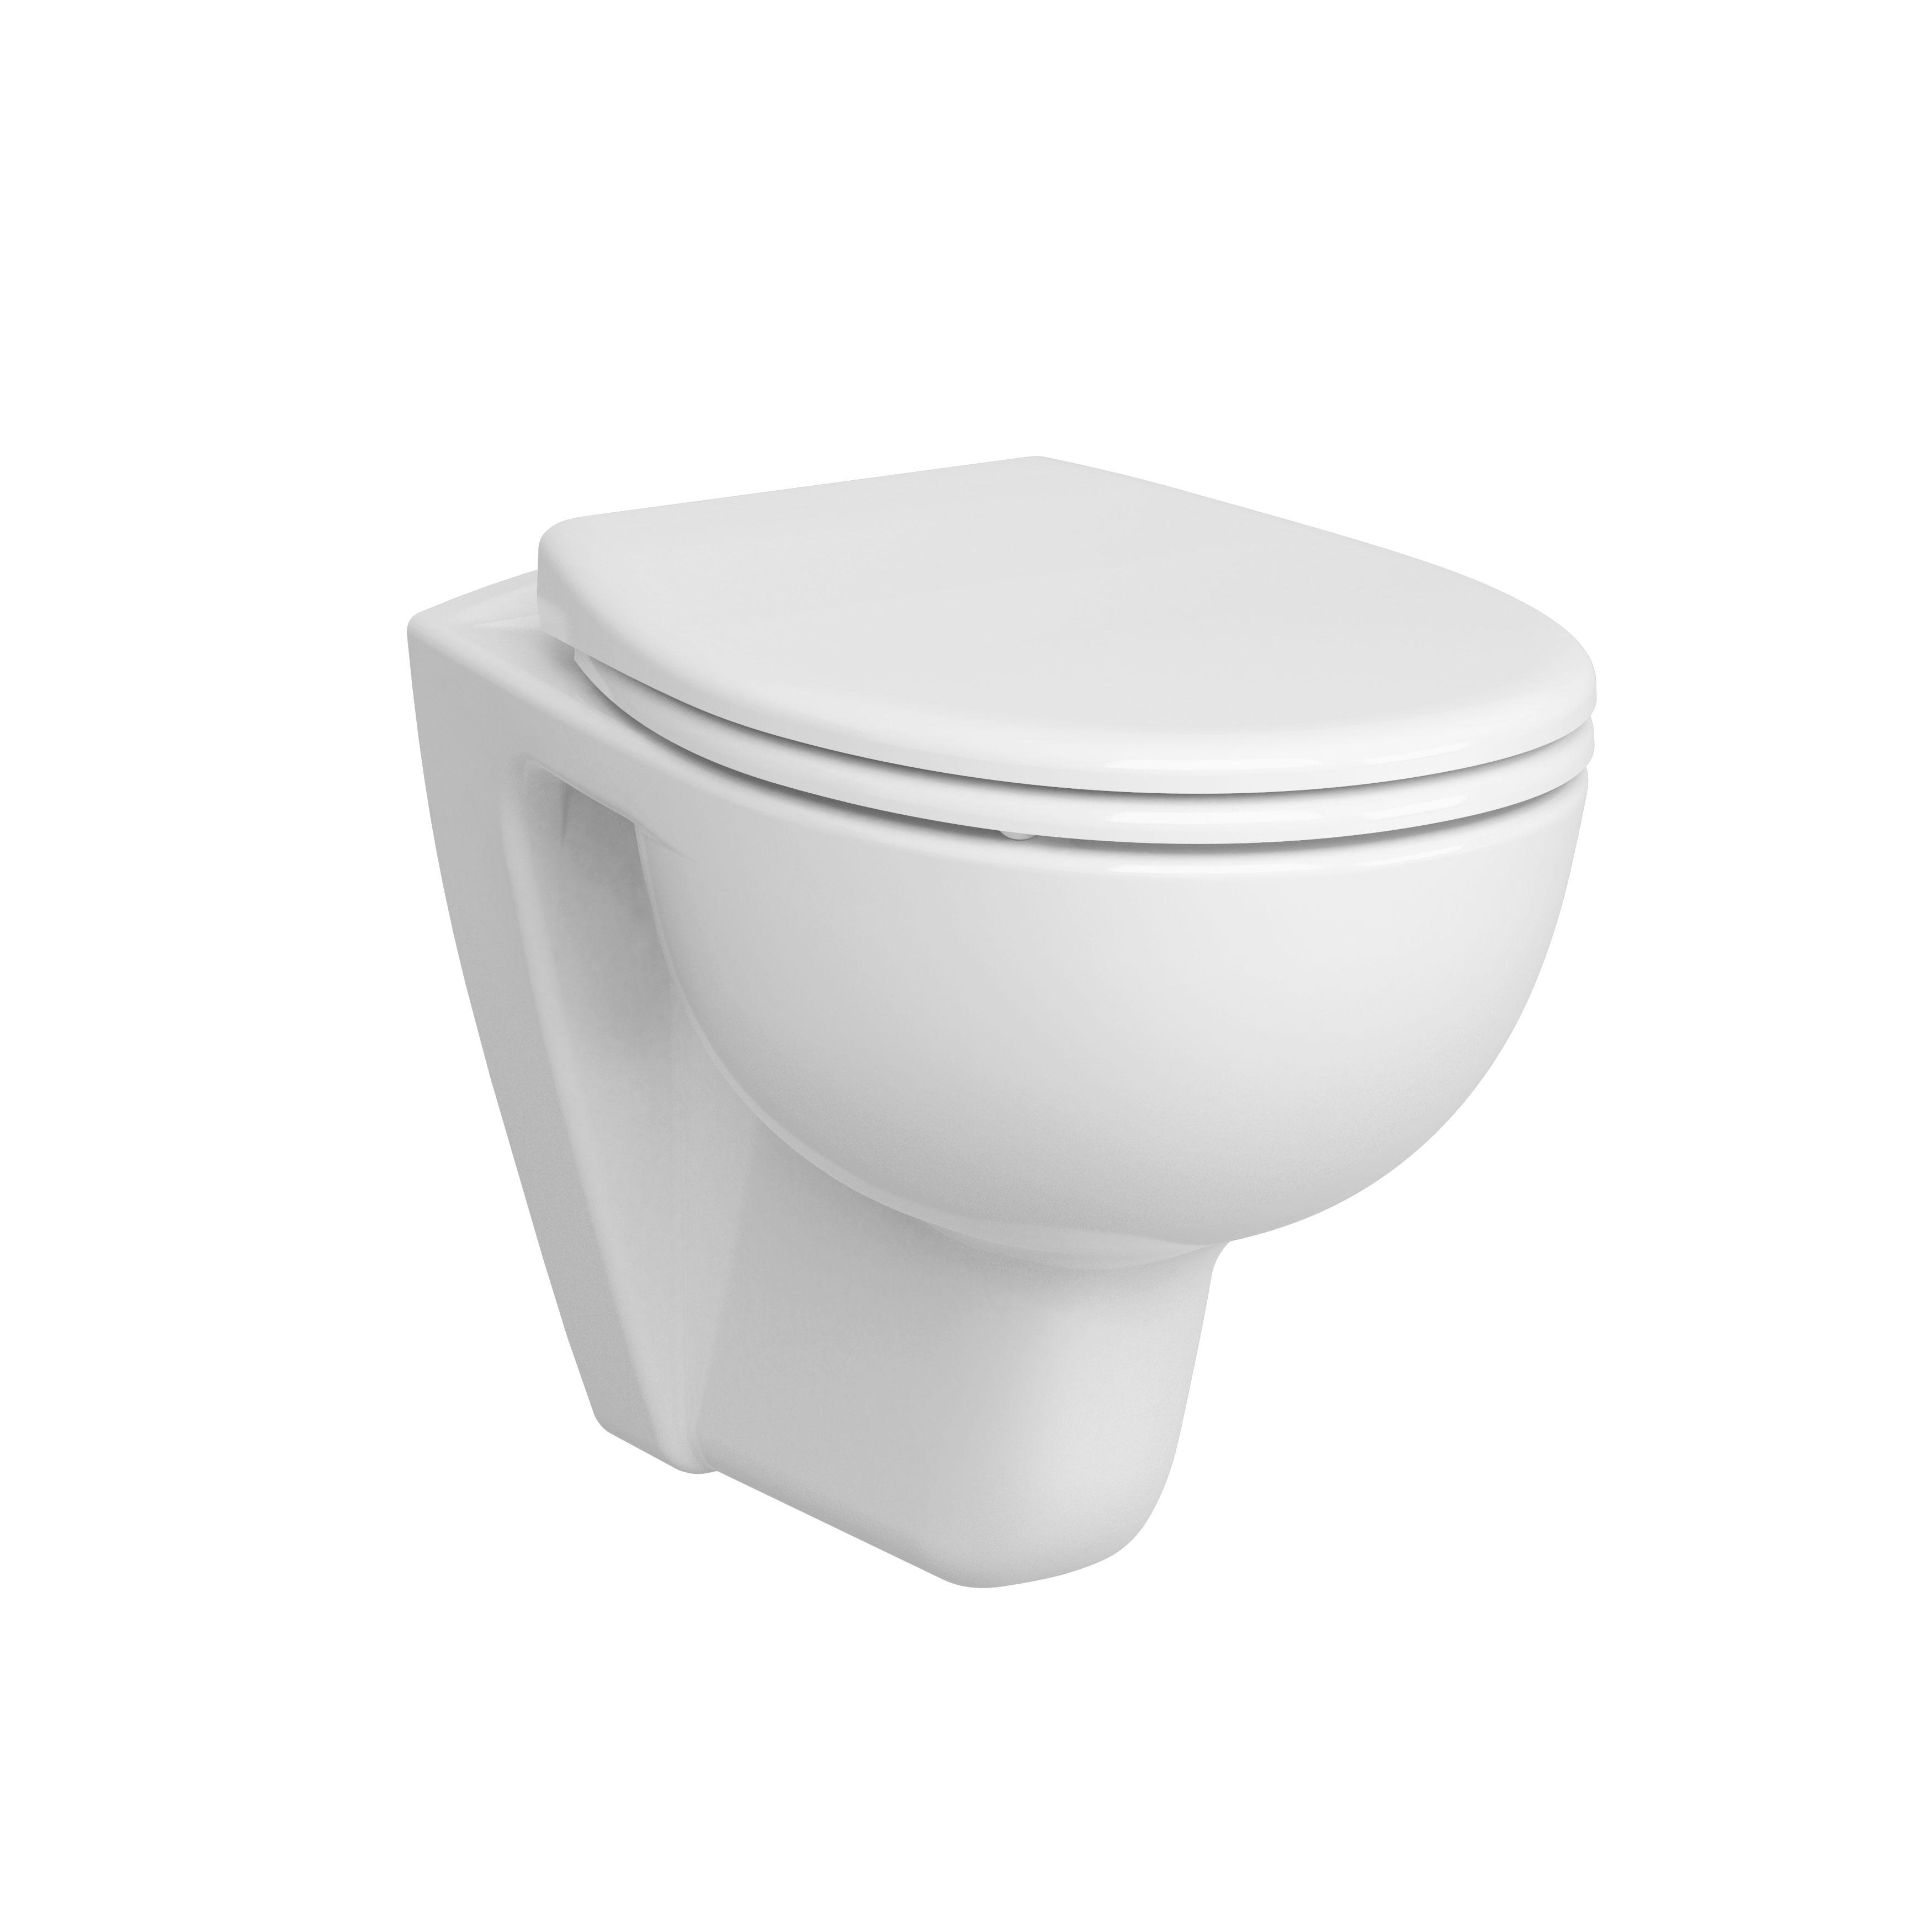 Conforma WC à poser PMR sans bride, sortie horizontale, avec trou d'abattant, blanc